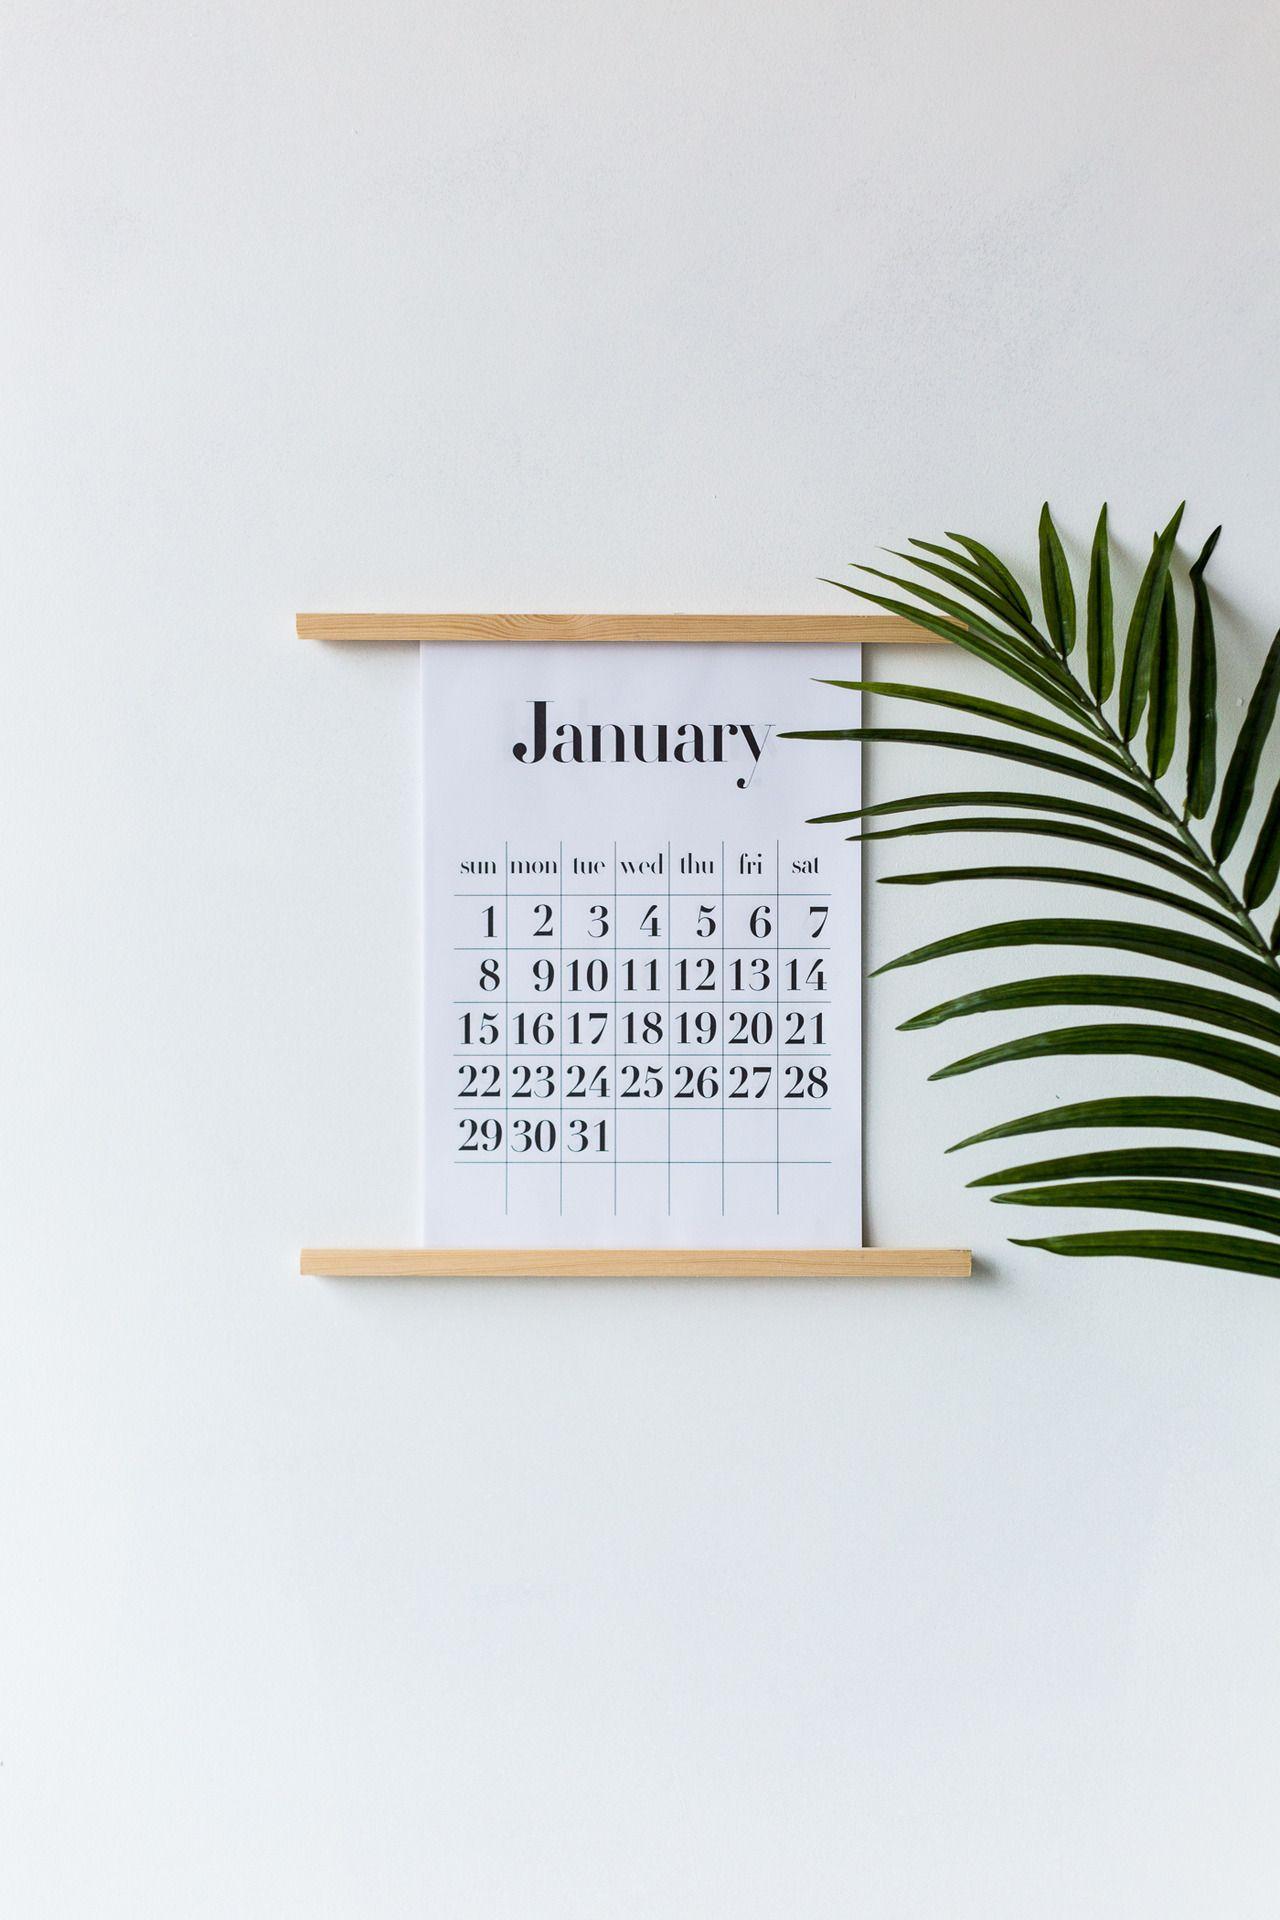 Настенная подставка для календаря своими руками и бесплатный календарь для печати A4 / A3